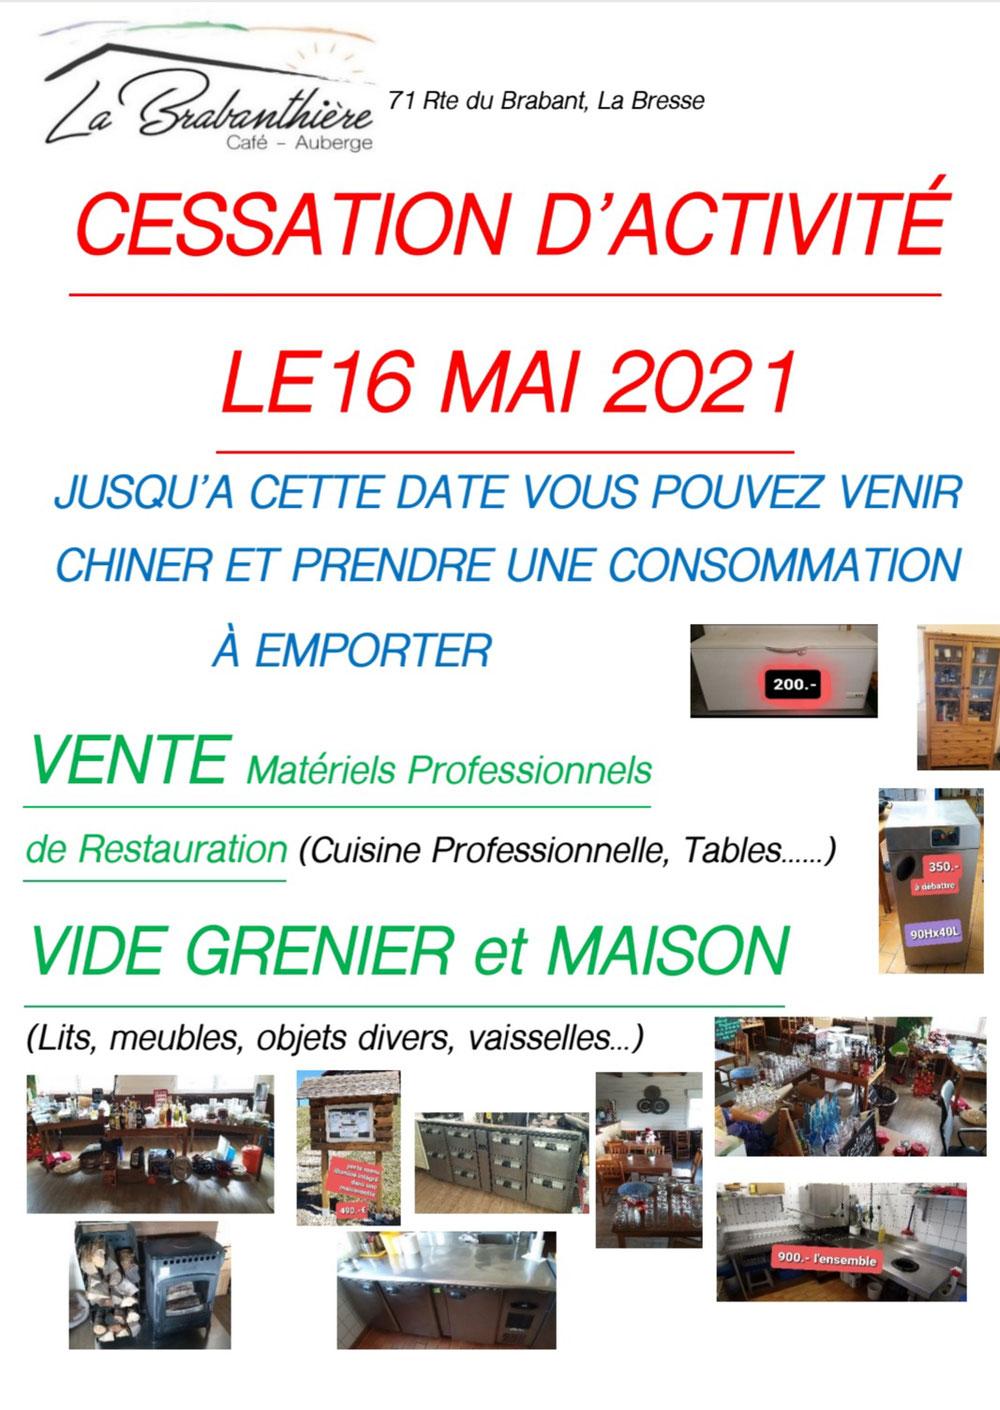 Cessation d'activité le 16 mai